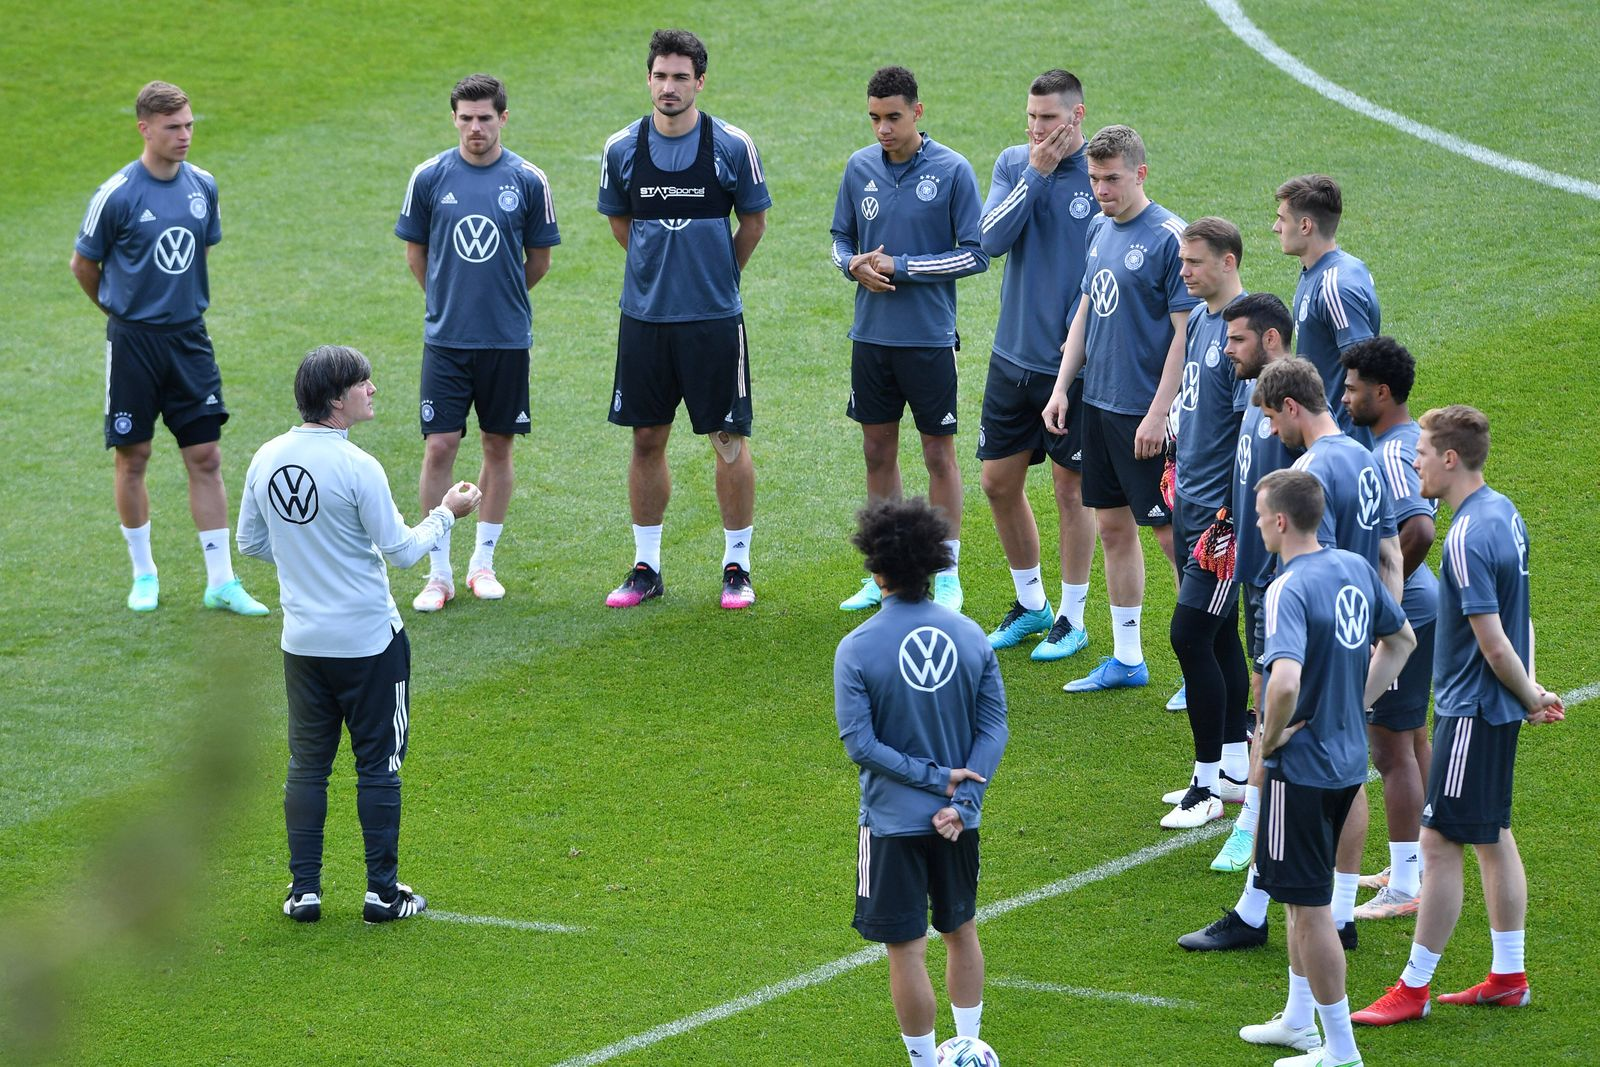 Trainingslager deutsche Fußball-Nationalmannschaft am 02.06.2021 in Seefeld Ansprache Joachim Jogi Löw ( Bundestrainer